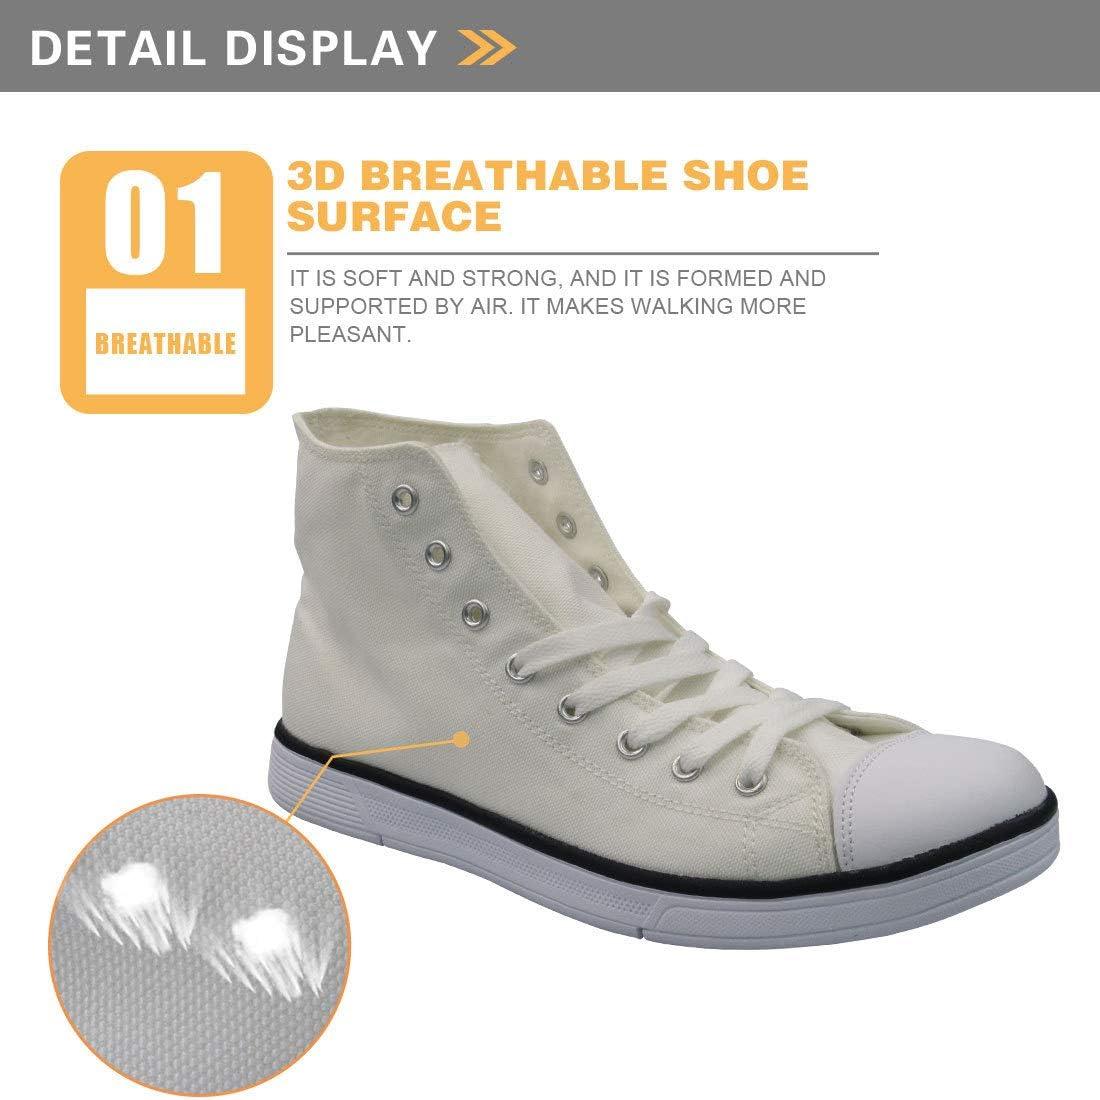 zhangfengjiao 3D Hip-hop stijl canvas schoenen, skateboard schoenen voor mannen en vrouwen op de straat, ondersteuning patroon aanpassing 44 werven